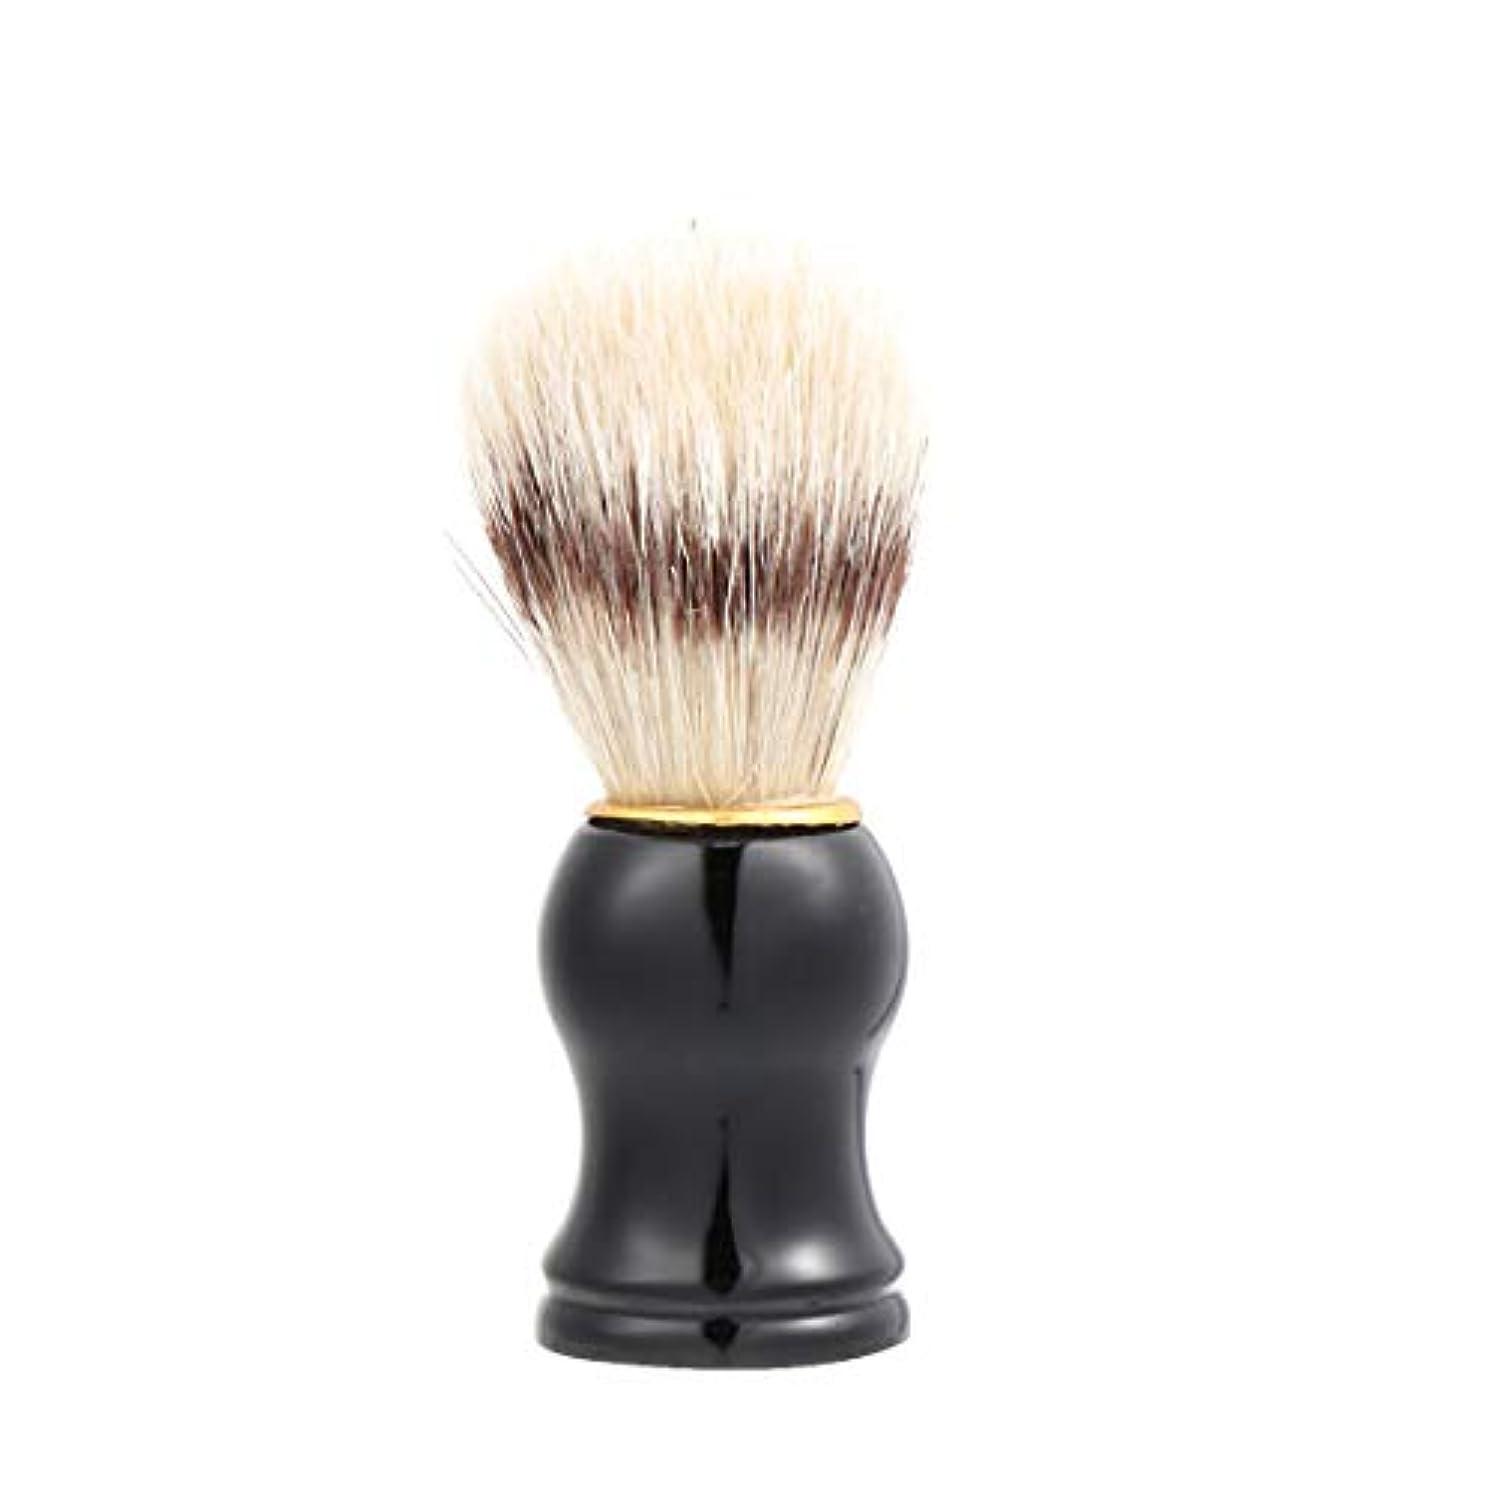 やろう非効率的な錆びLurrose 男性の剃毛ブラシ 毛髭ひげ 剃毛ブラシ ソフト フェイシャルケア ヘアクレンジングブラシ